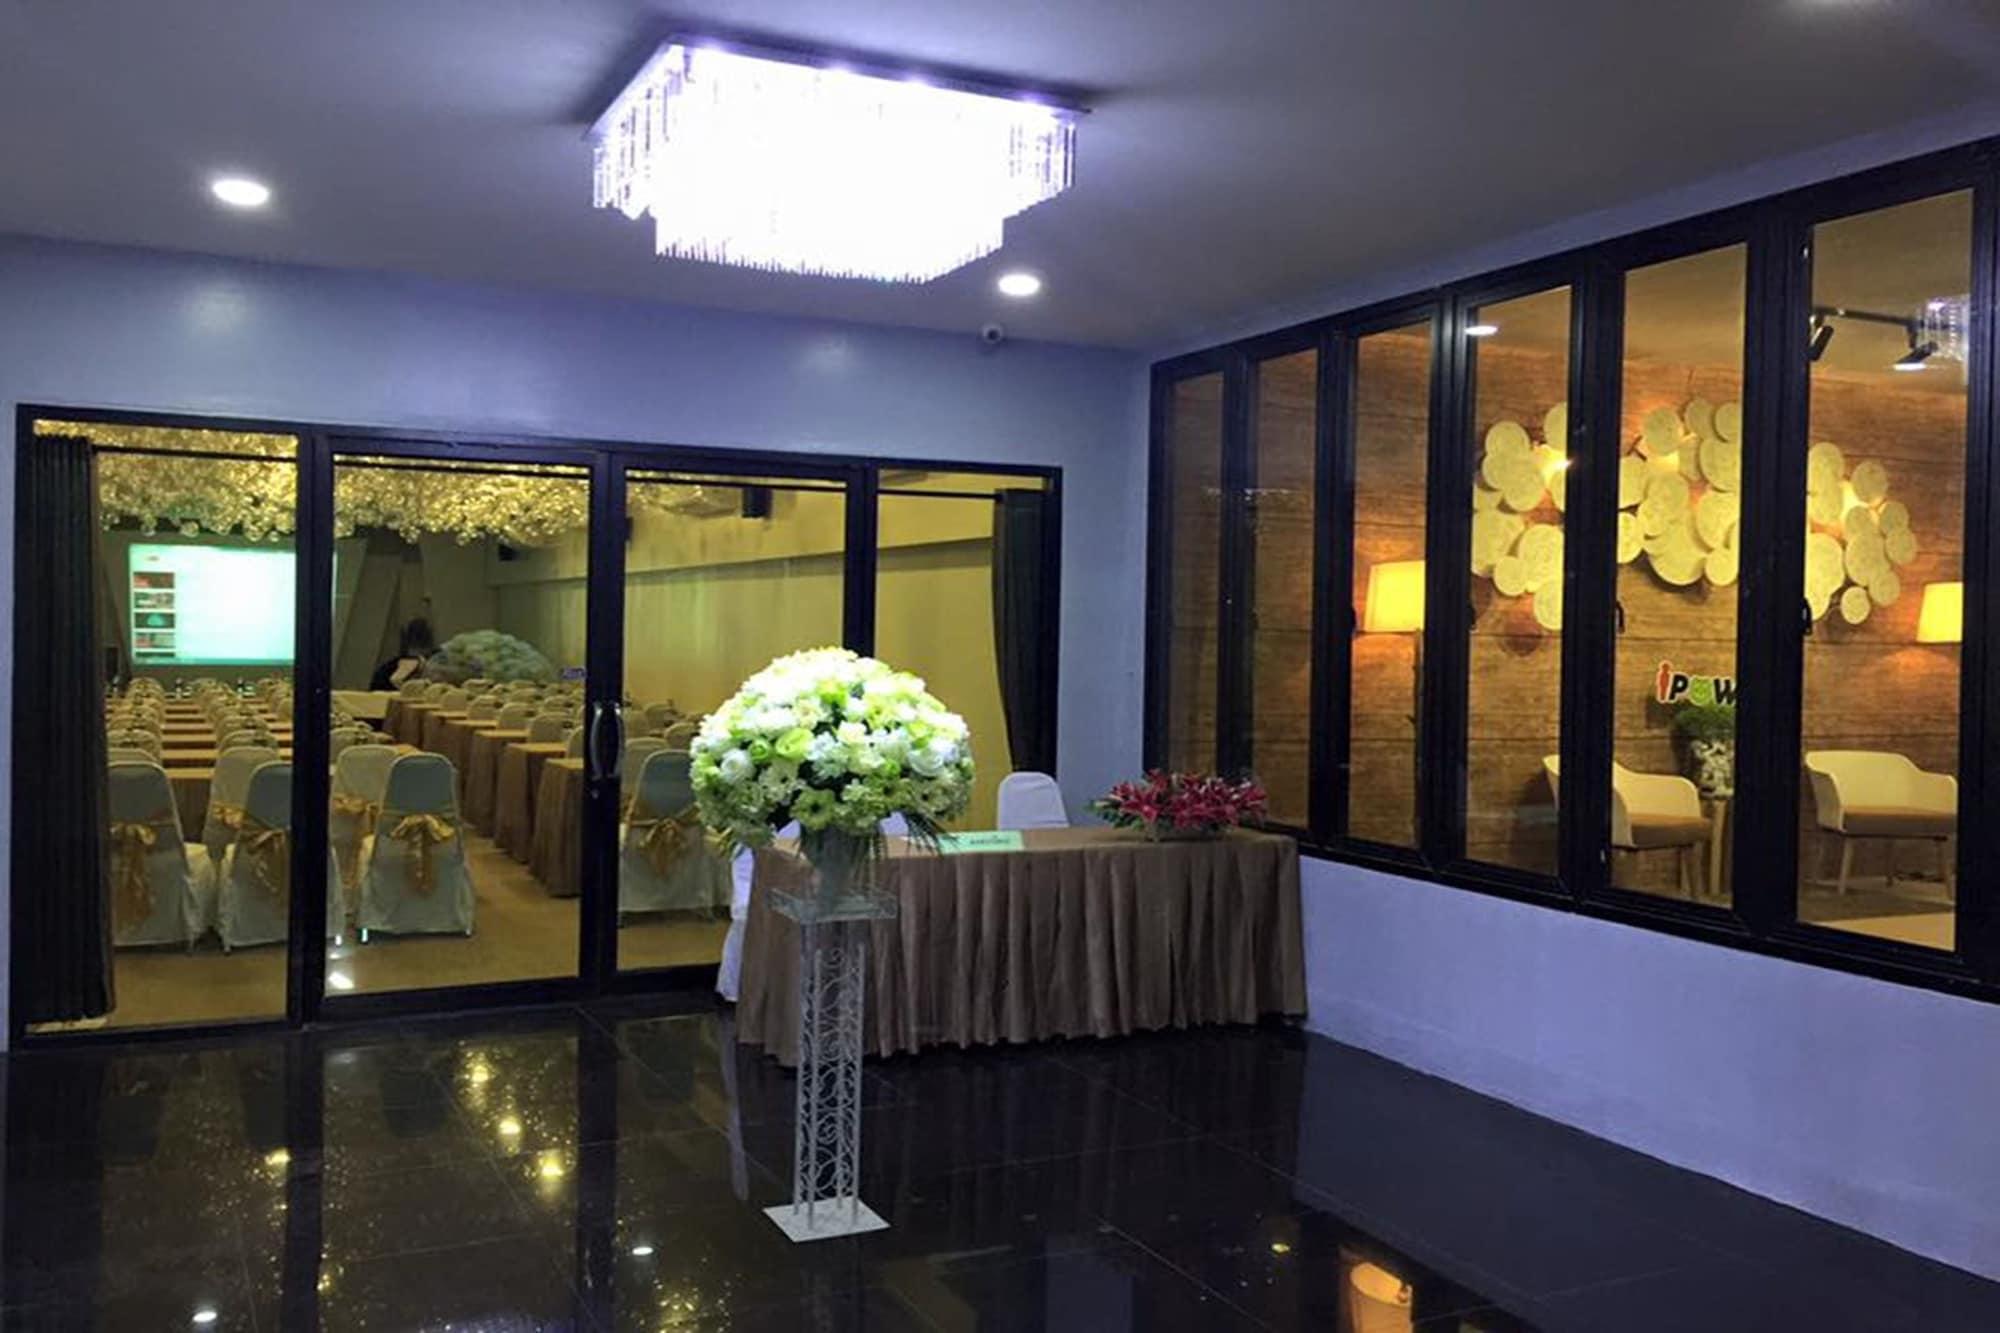 IPOWER Chiang Rai, Muang Chiang Rai